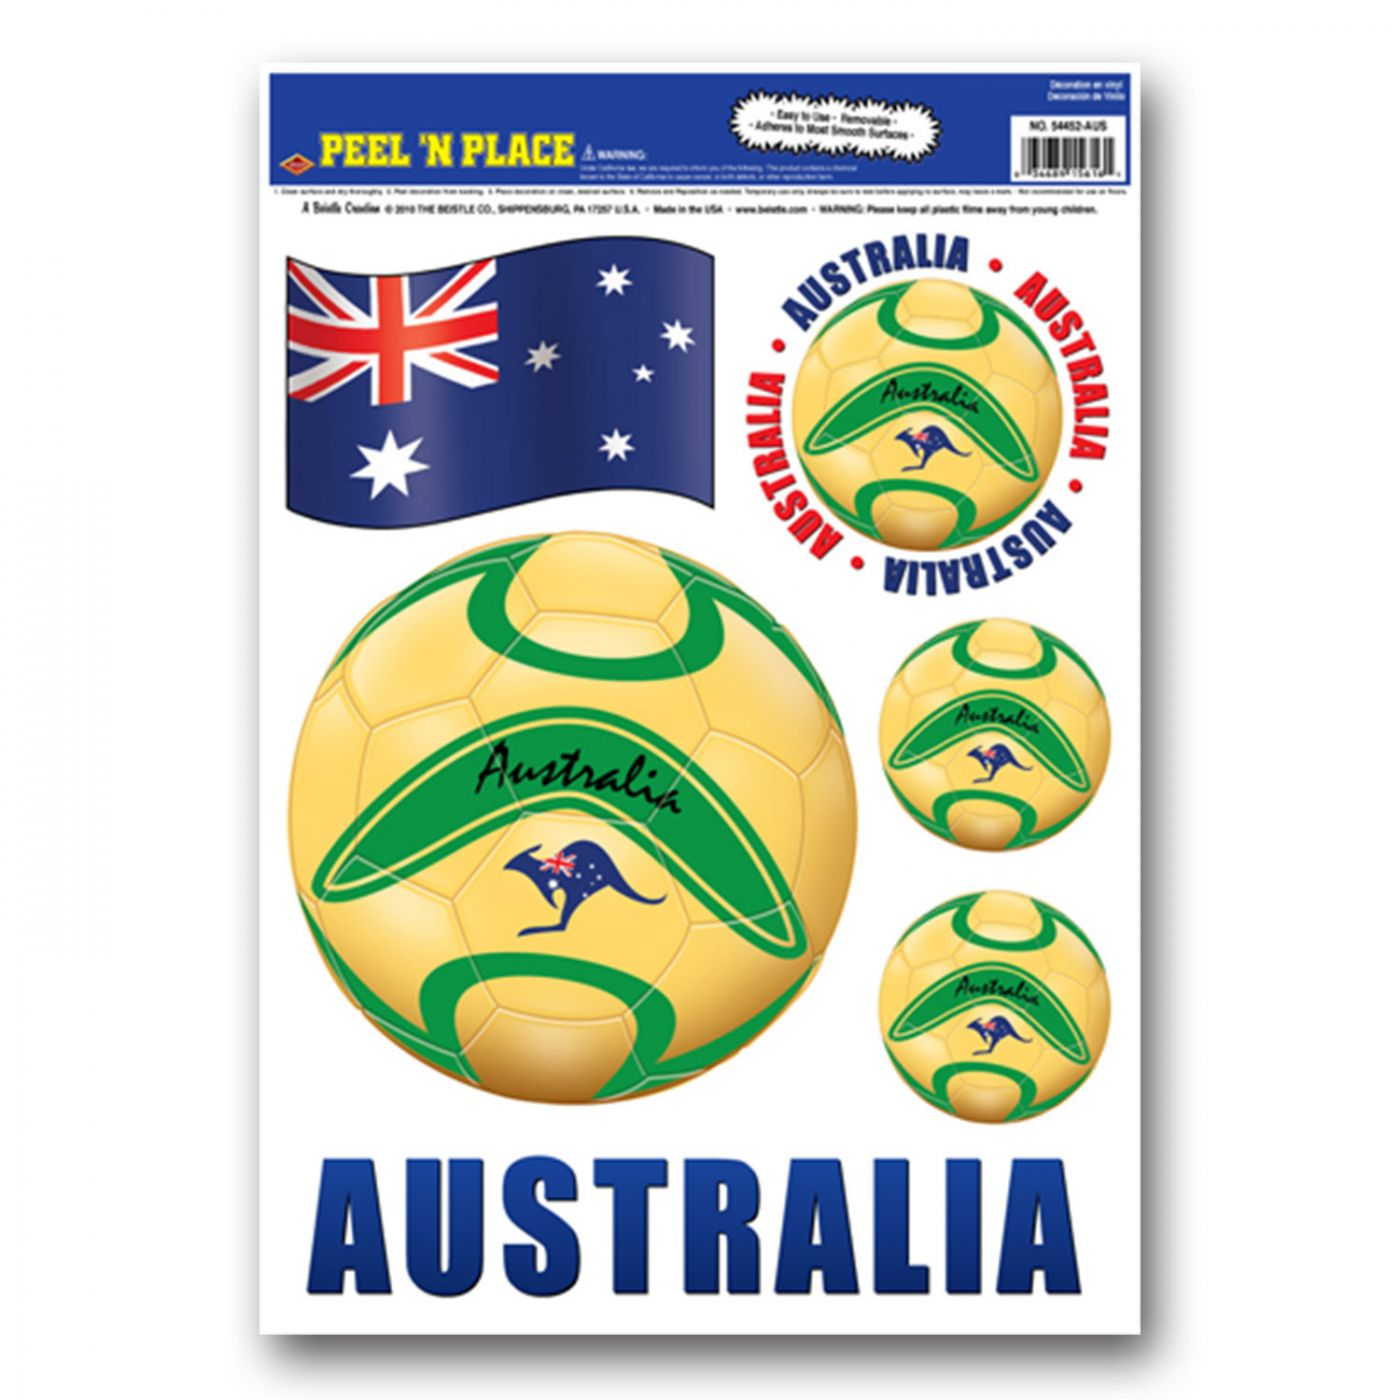 Peel 'N Place - Australia image